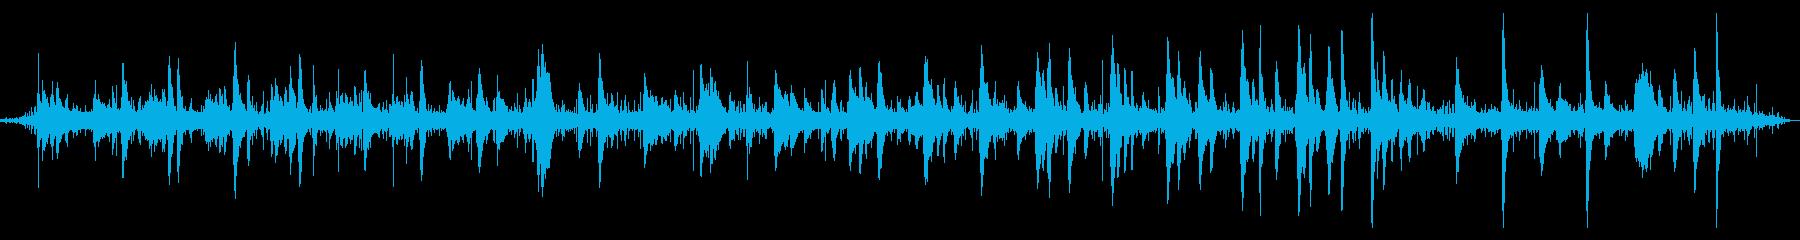 雨の森とピアノ ヒーリングミュージックの再生済みの波形